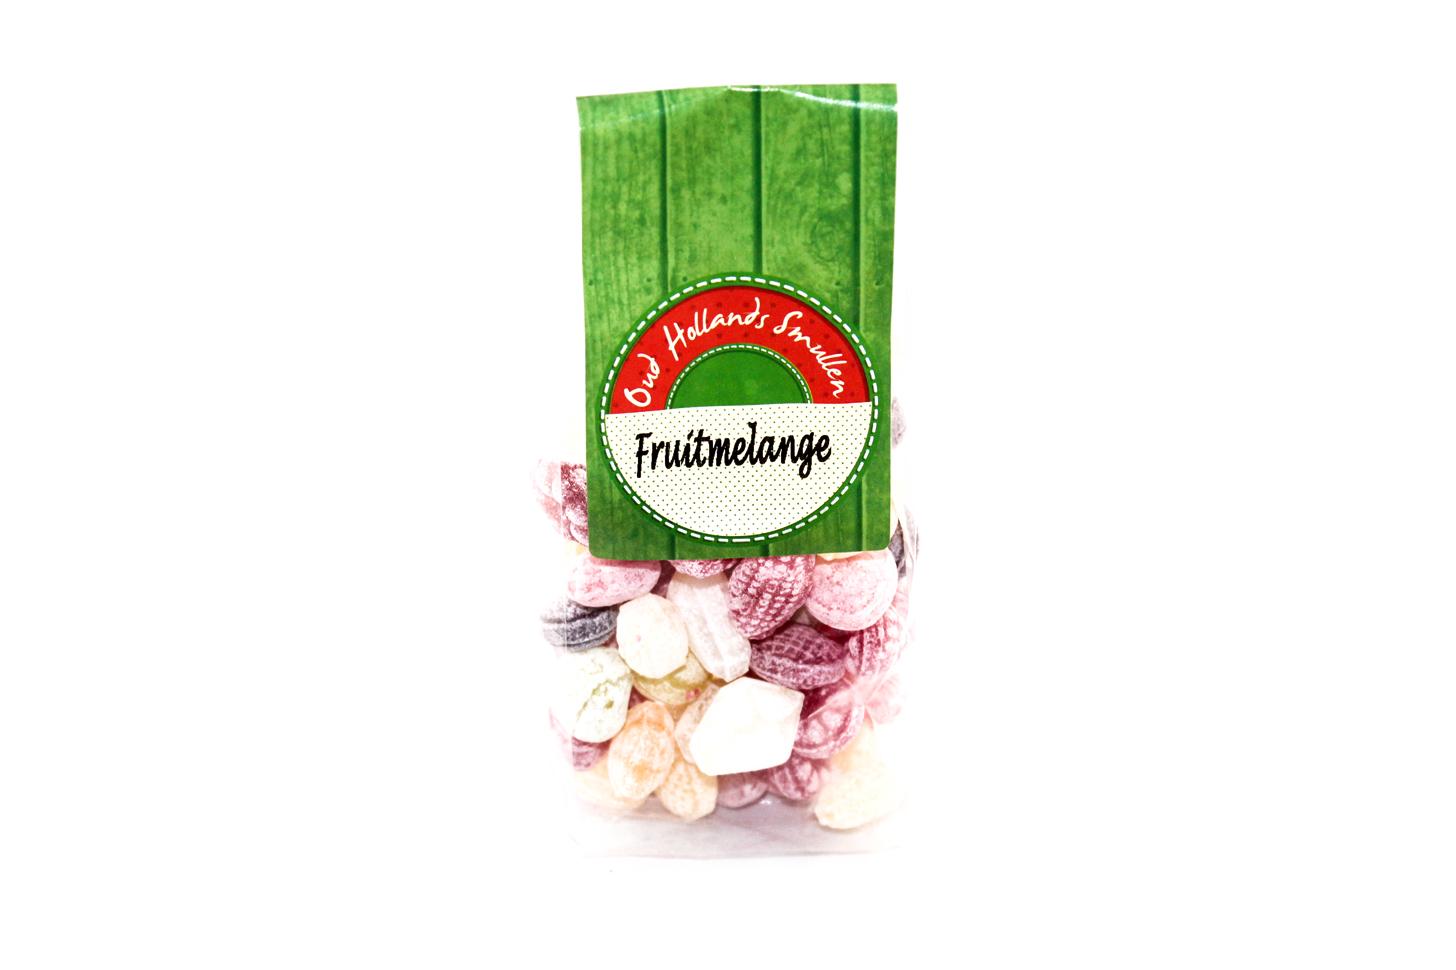 Oud Hollands snoep Fruitmelange